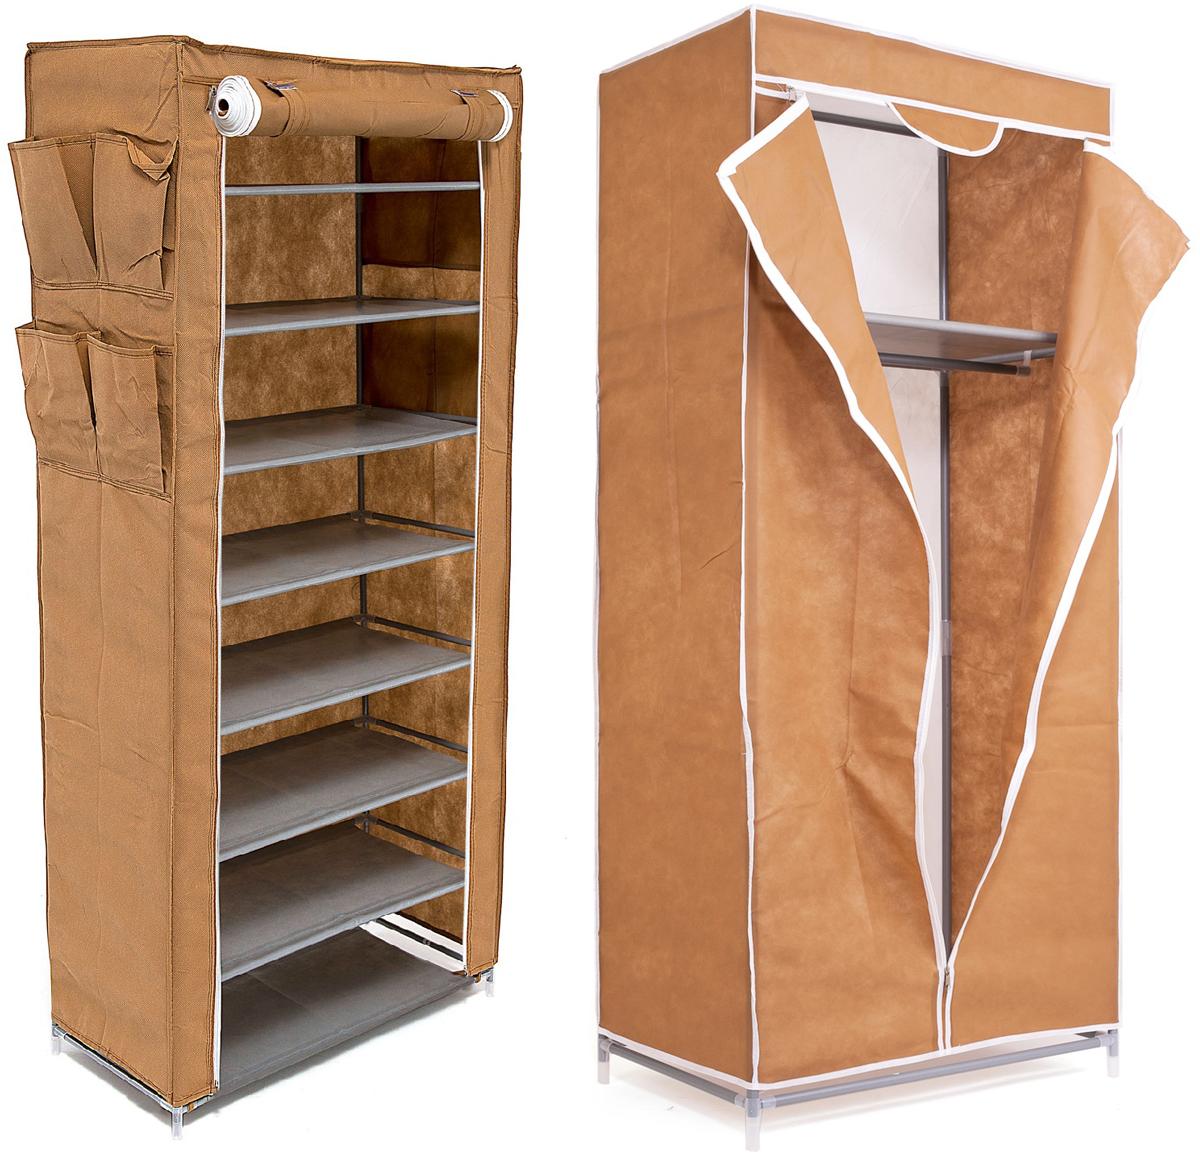 Набор кофров для хранения Homsu, цвет: коричневый, 2 предмета74-0060Уникальный дизайн этого комплекта станет настоящим украшением для любого интерьера. Практичная составляющая подобной мебели также вне сомнений. Лёгкие и прочные устойчивые конструкции из каркасов и тканевой обивки могут быть легко собраны вами без посторонней помощи, буквально за несколько минут.Такая мебель будет всегда удобной и максимально практичной, ведь верхнюю тканевую часть при надобности можно всегда постирать либо же попросту поменять на аналогичную другого цвета. Кроме того, такие конструкции всегда будут отличным решением для того, кому по душе мобильность и постоянная смена обстановки. 680х450х1550; 600х300х1360